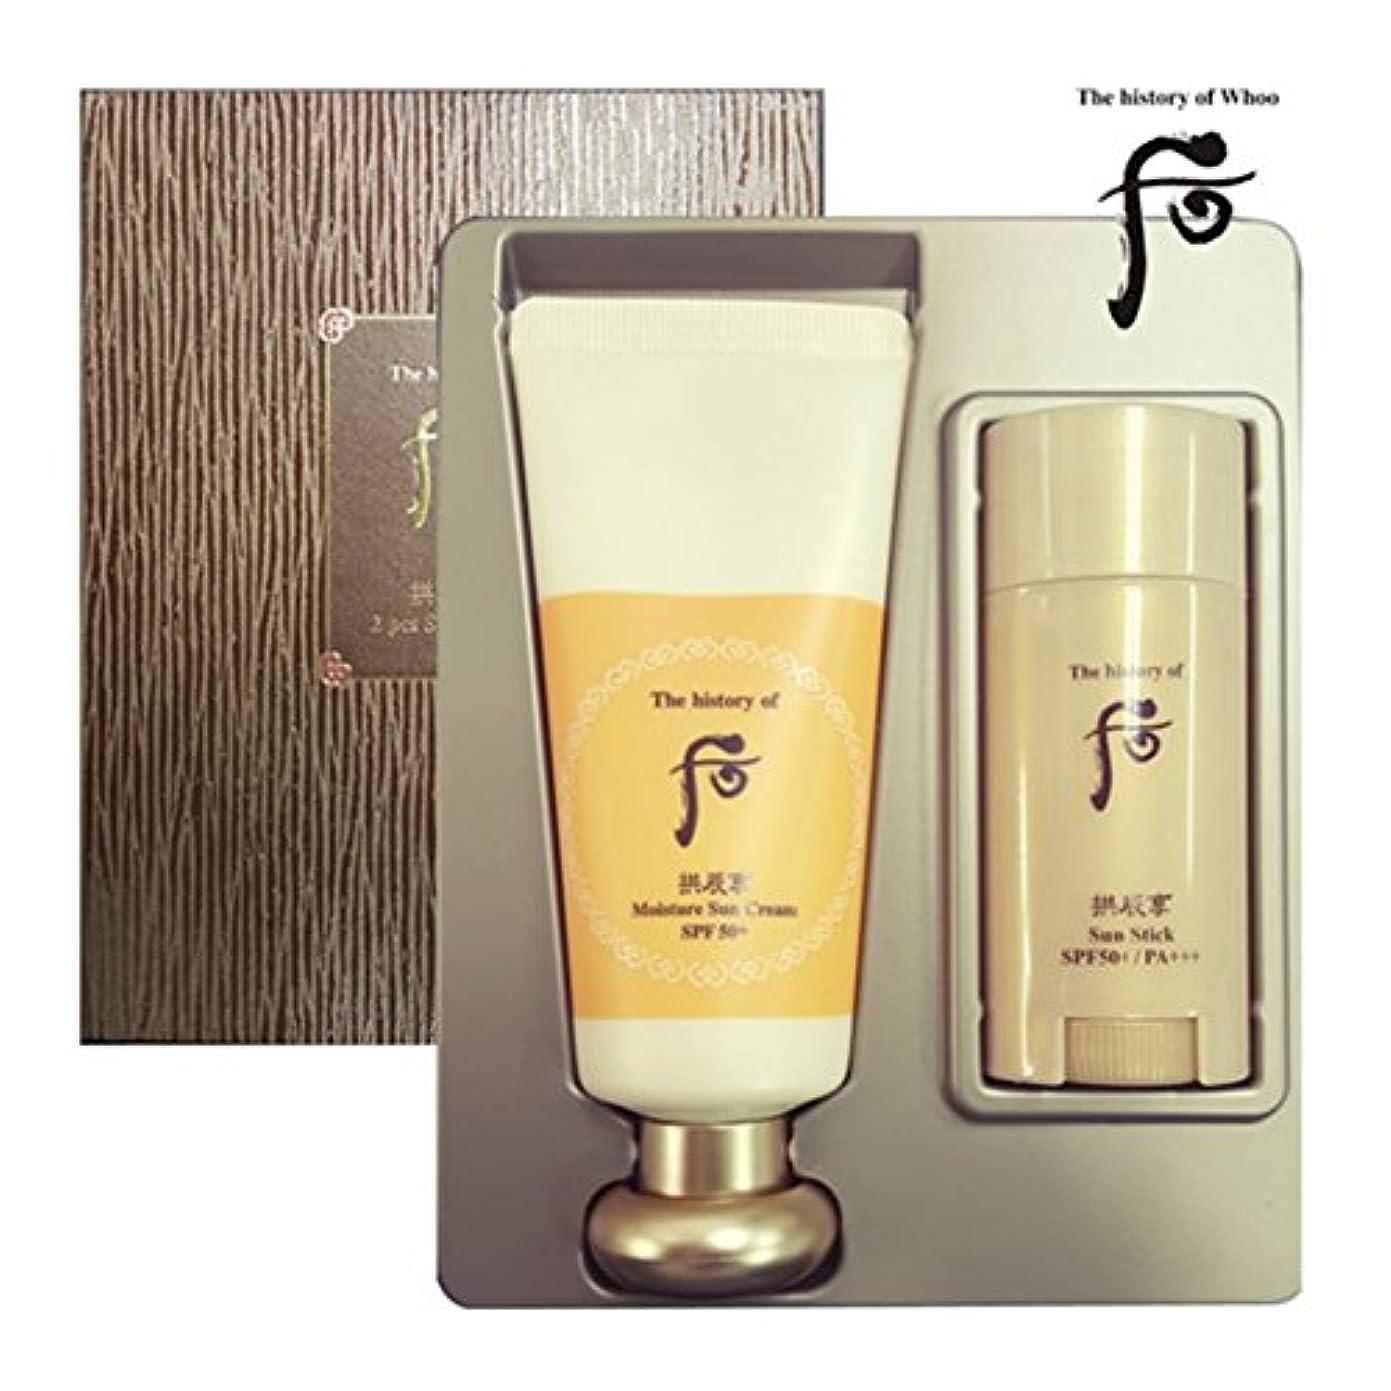 恩恵補償瞬時に【フー/The history of whoo] Whoo 后 Jin Hae Yoon Sun Cream and Sun Stick Special Set/后(フー) ゴンジンヒャン ジン ヘユン サンクリーム&サンスティック2種セット [SPF50+/PA+++] + [Sample Gift](海外直送品)